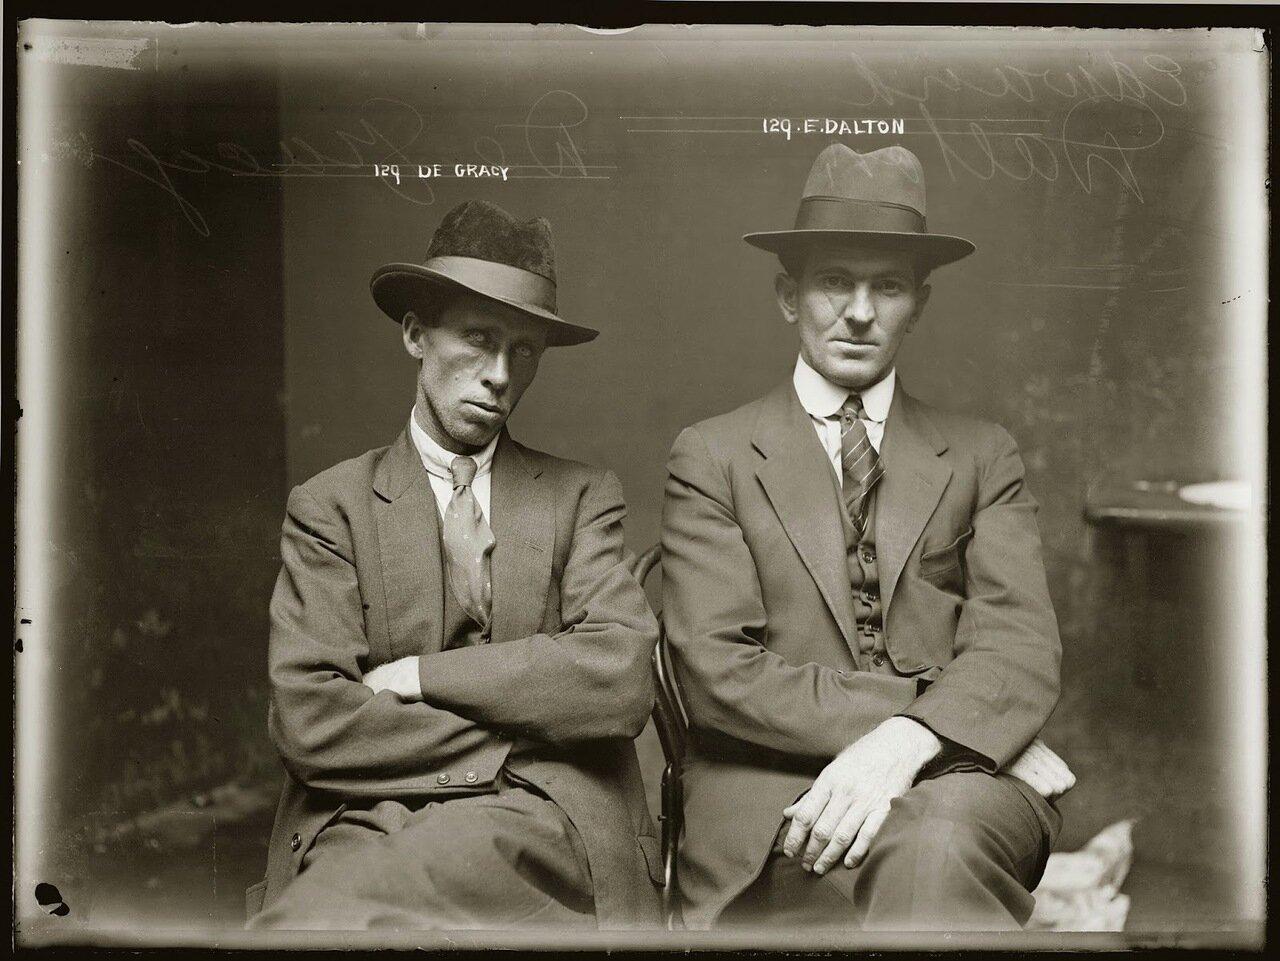 11.Грейси и Далтон - очень серьезные гангстеры из Лос-Анджелеса, входили в элиту американской мафии. Занимались рабочими профсоюзами фабрик и заводов, азартными играми, ипподромами, финансами мафиозных группировок. Не брезговали лично убивать пойманного стукача или конкурента